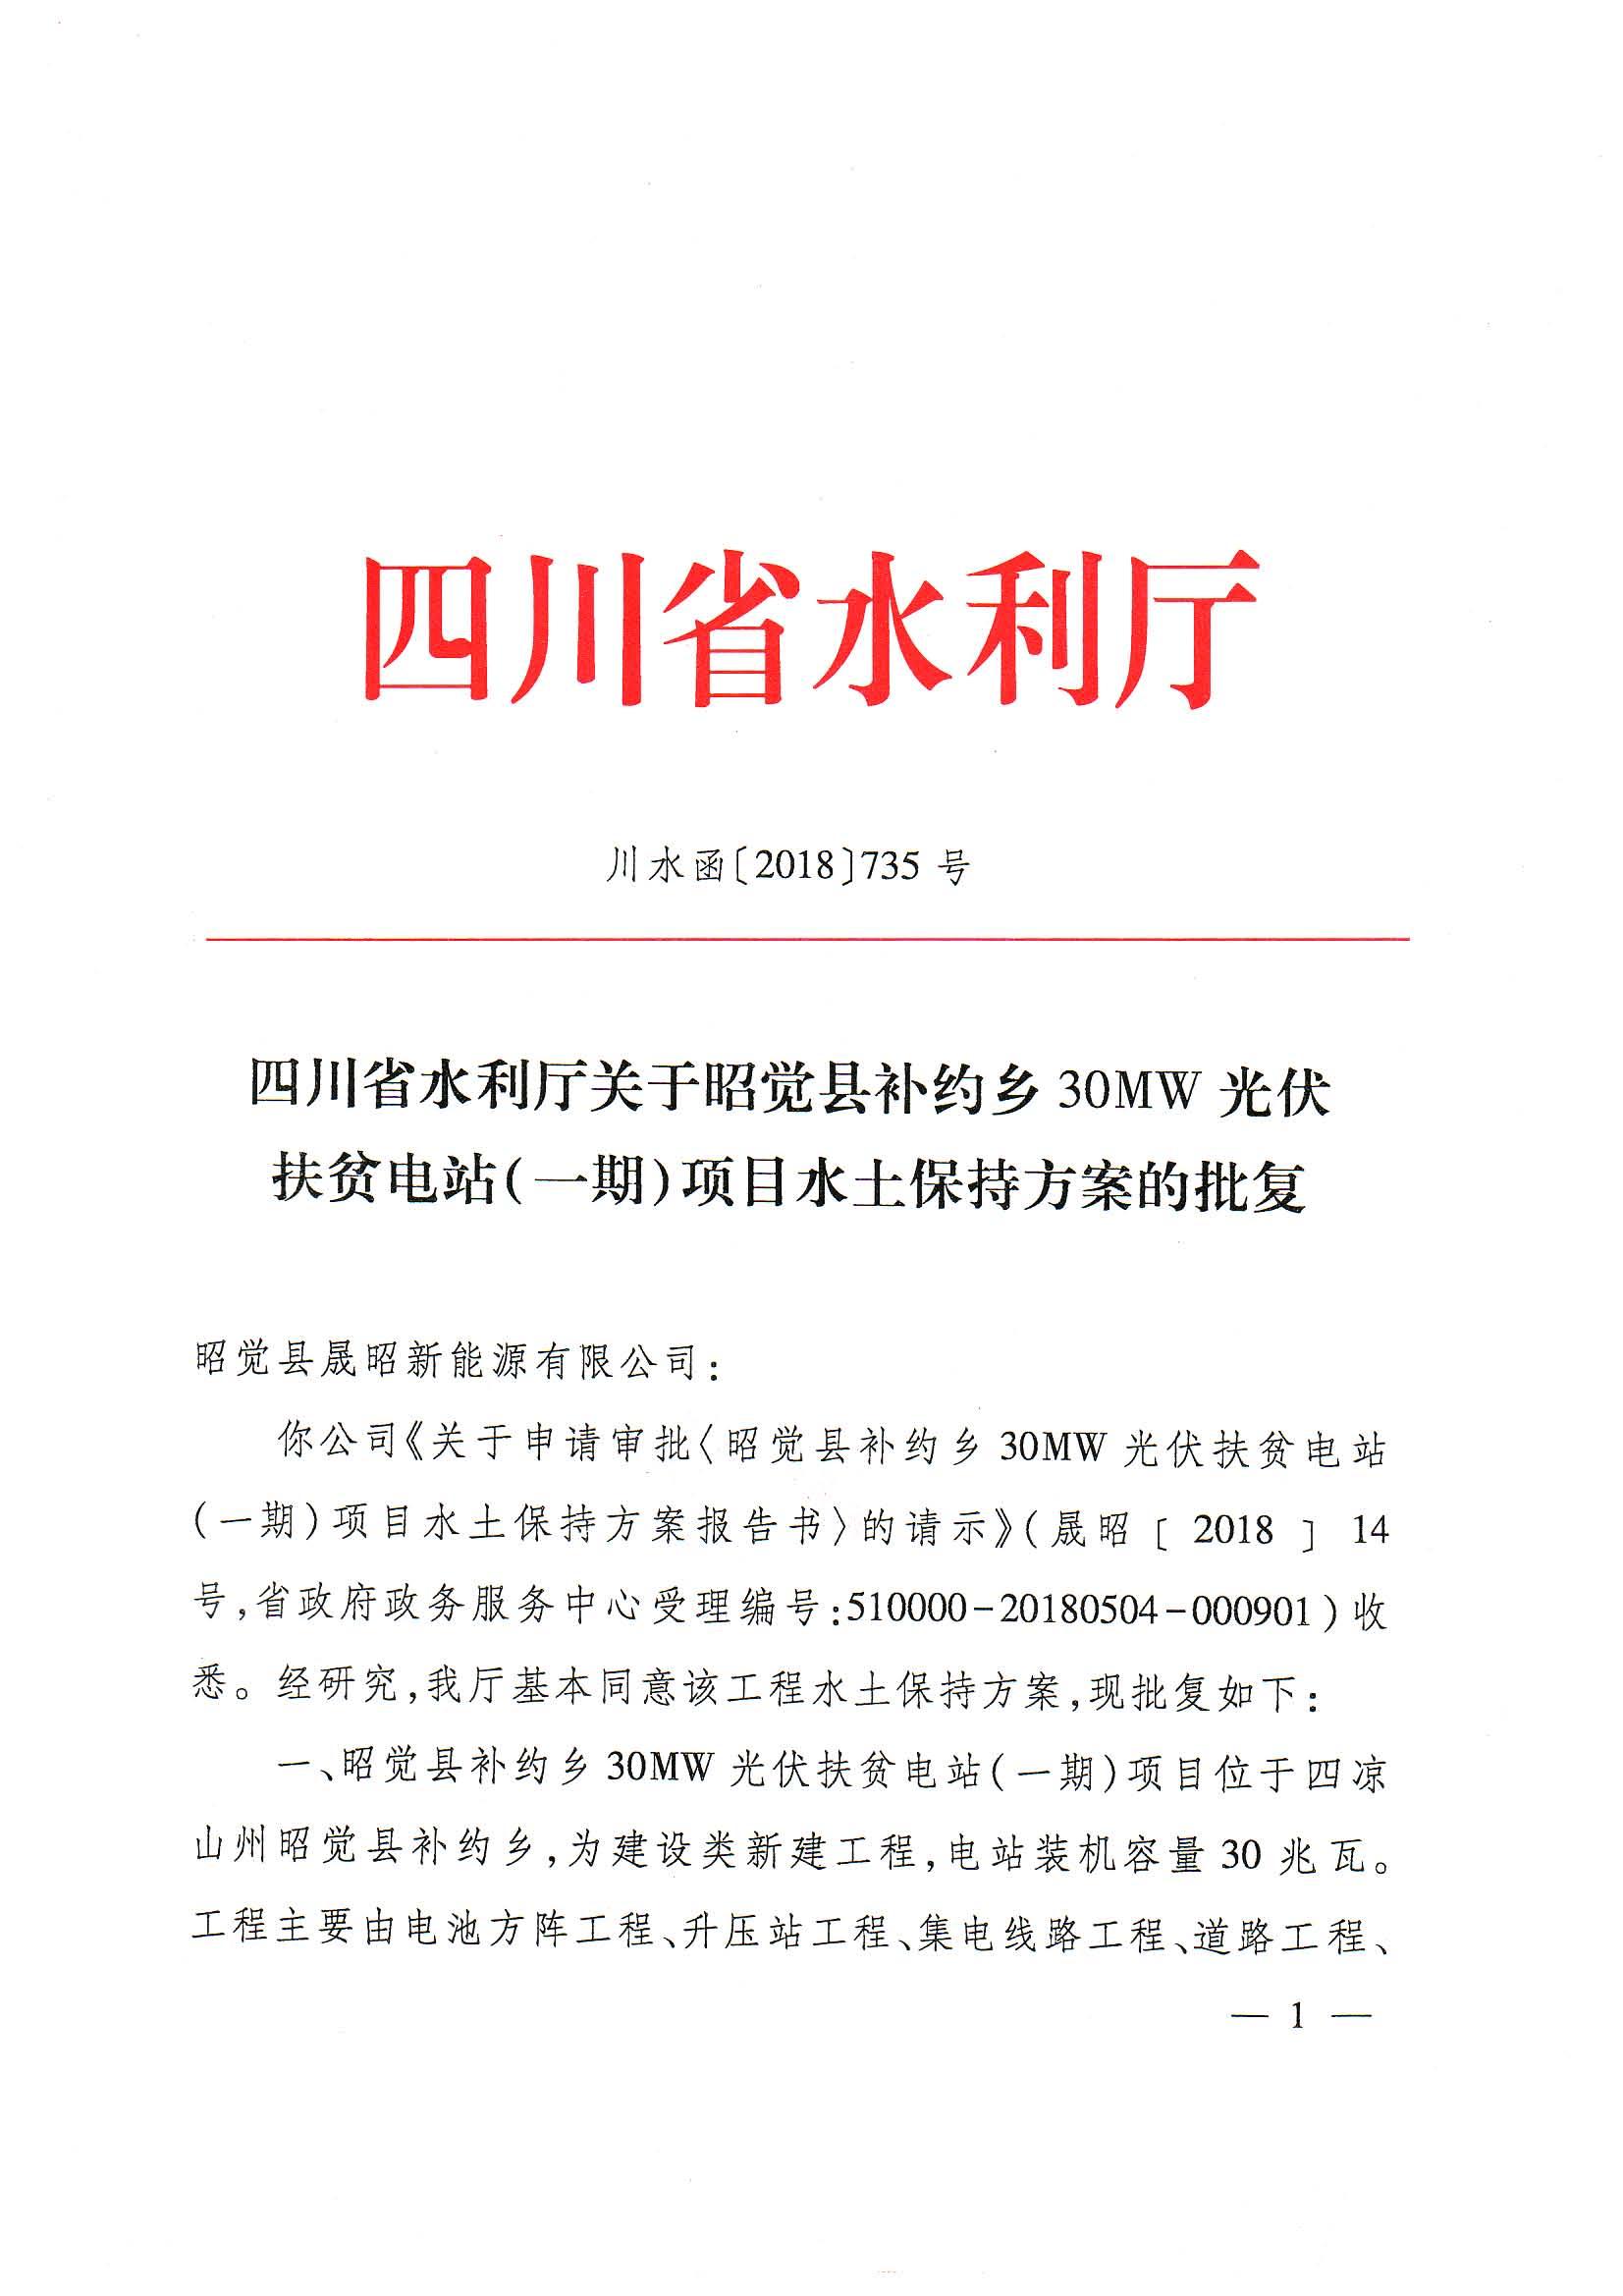 10 昭觉县补约乡30MW光伏扶贫电站(一期)项目乐动投注平台方案的批复_页面_1.jpg